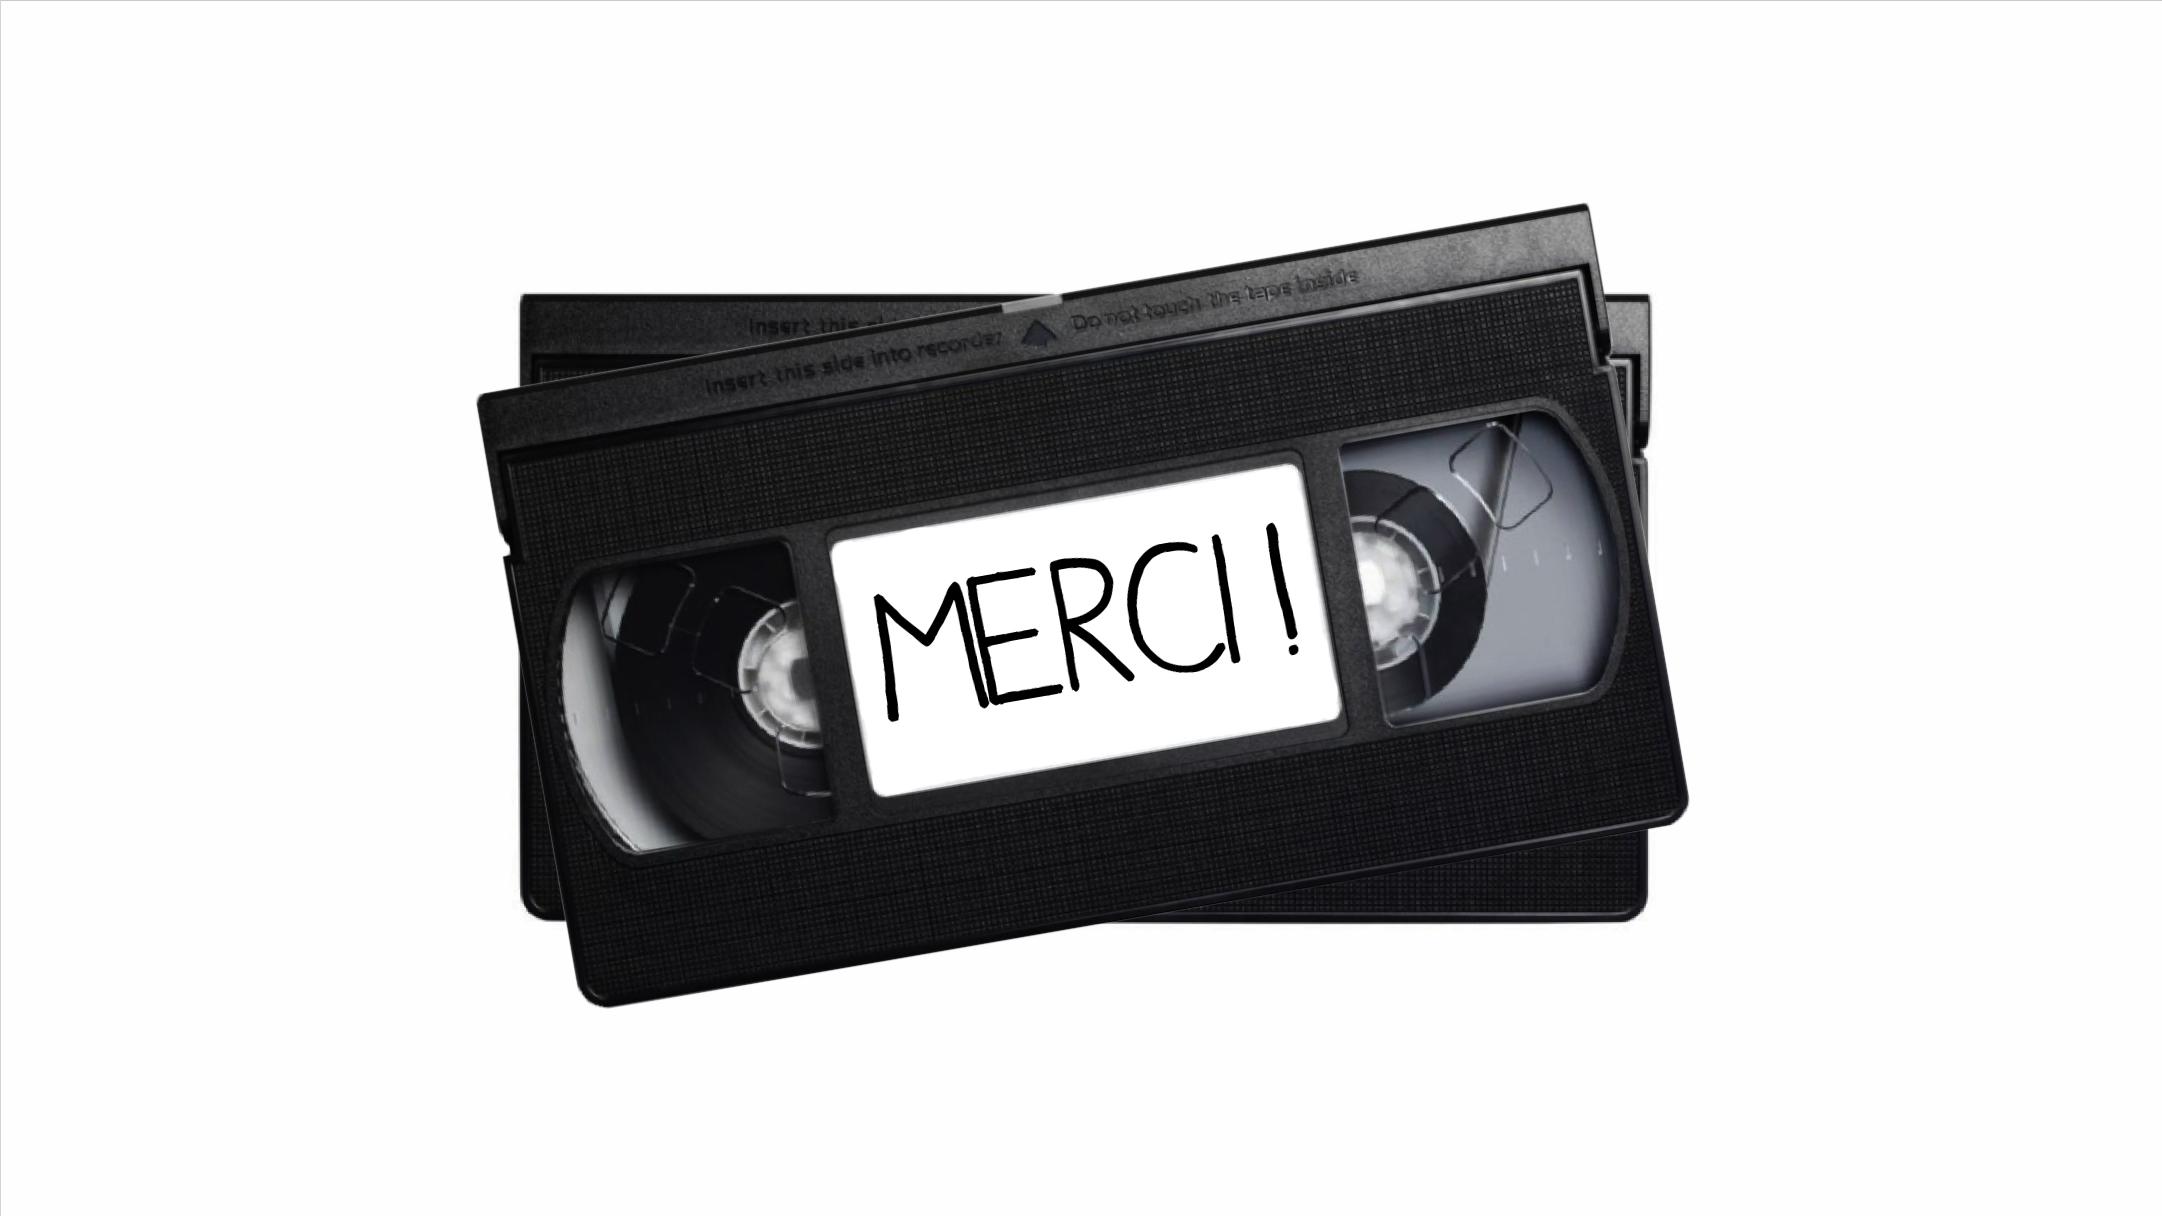 MERCI_1-1494591371.jpg